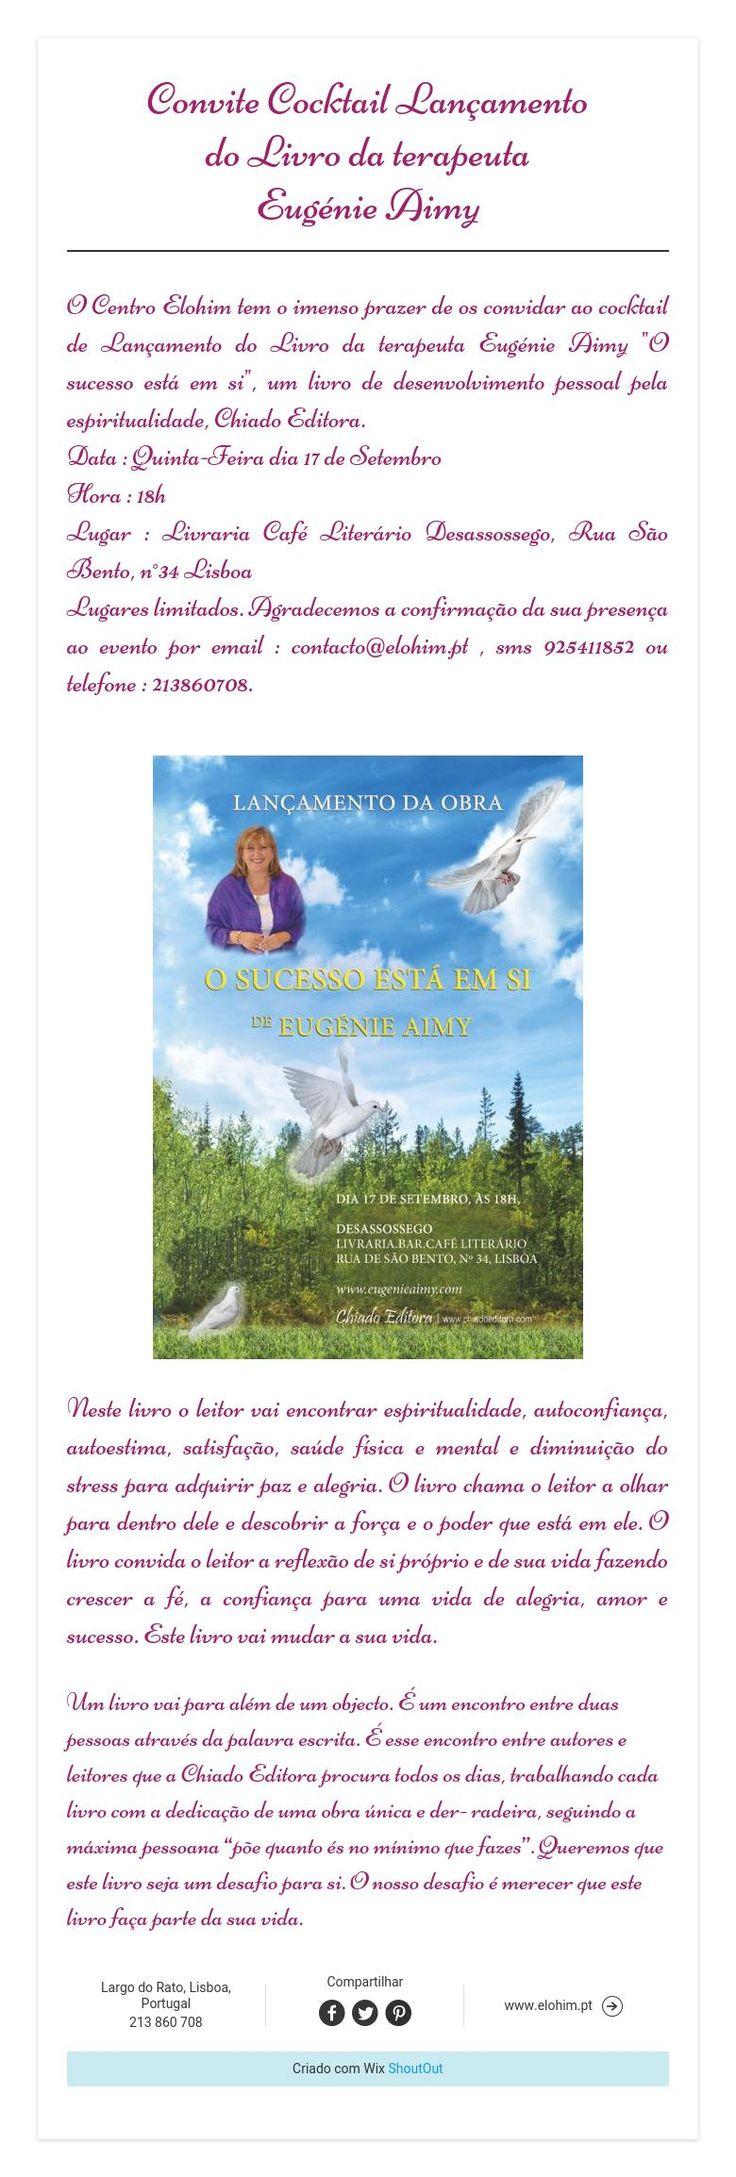 Convite Cocktail Lançamento   do Livro da terapeuta  Eugénie Aimy